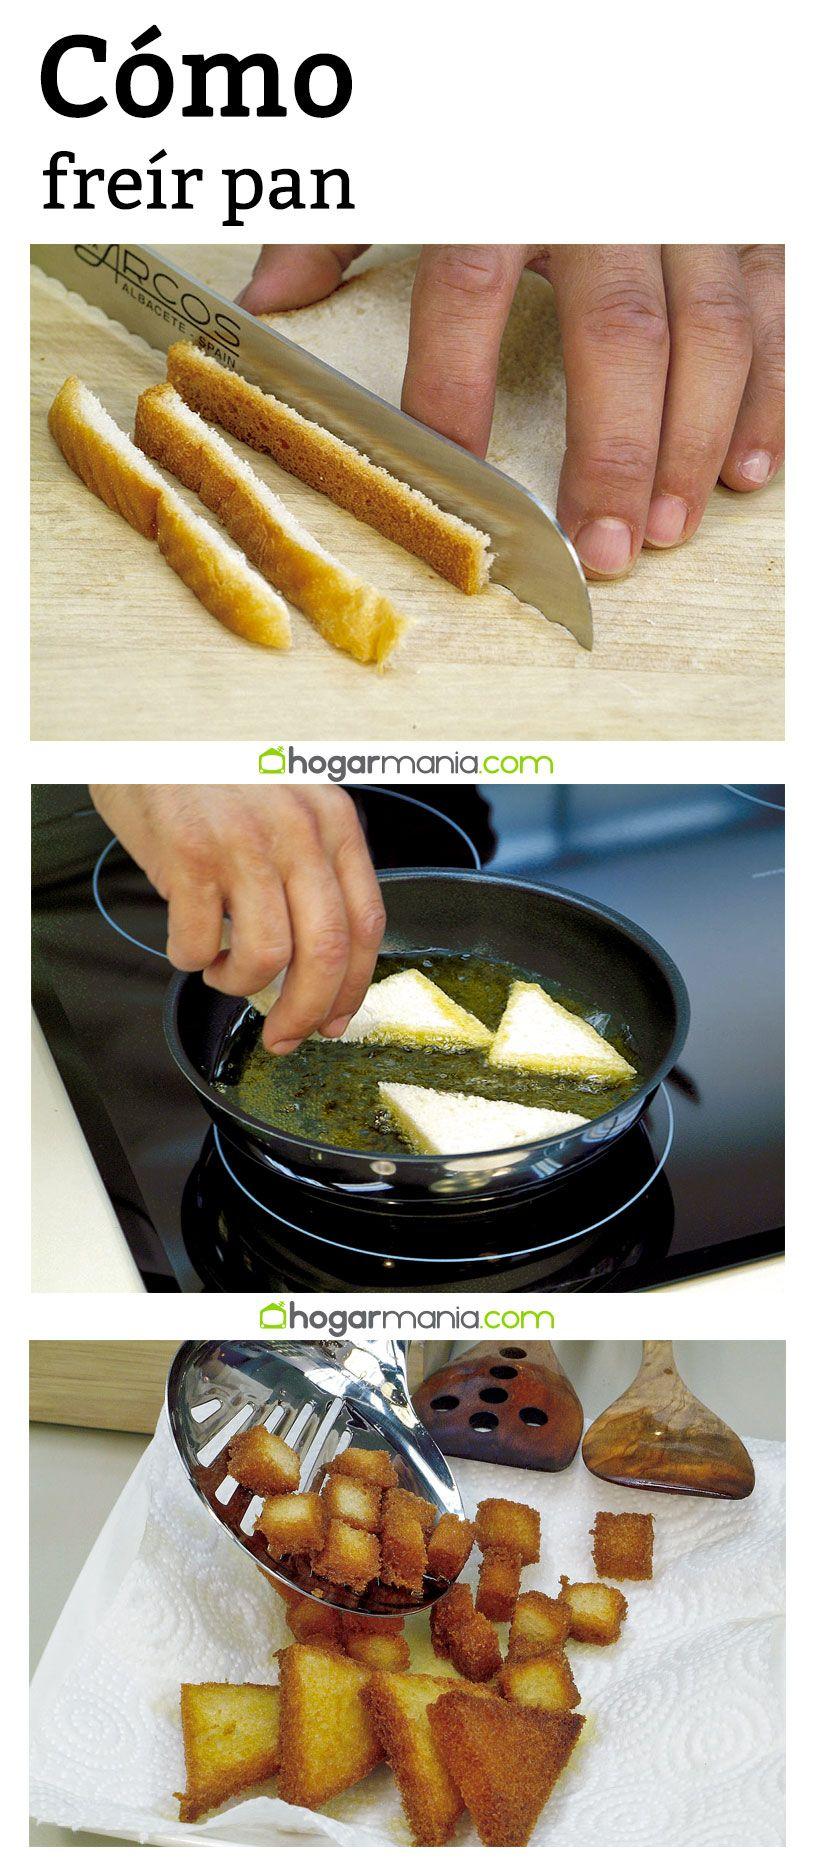 Cmo frer pan  hogar dulce hogar  Recetas Cocinas y